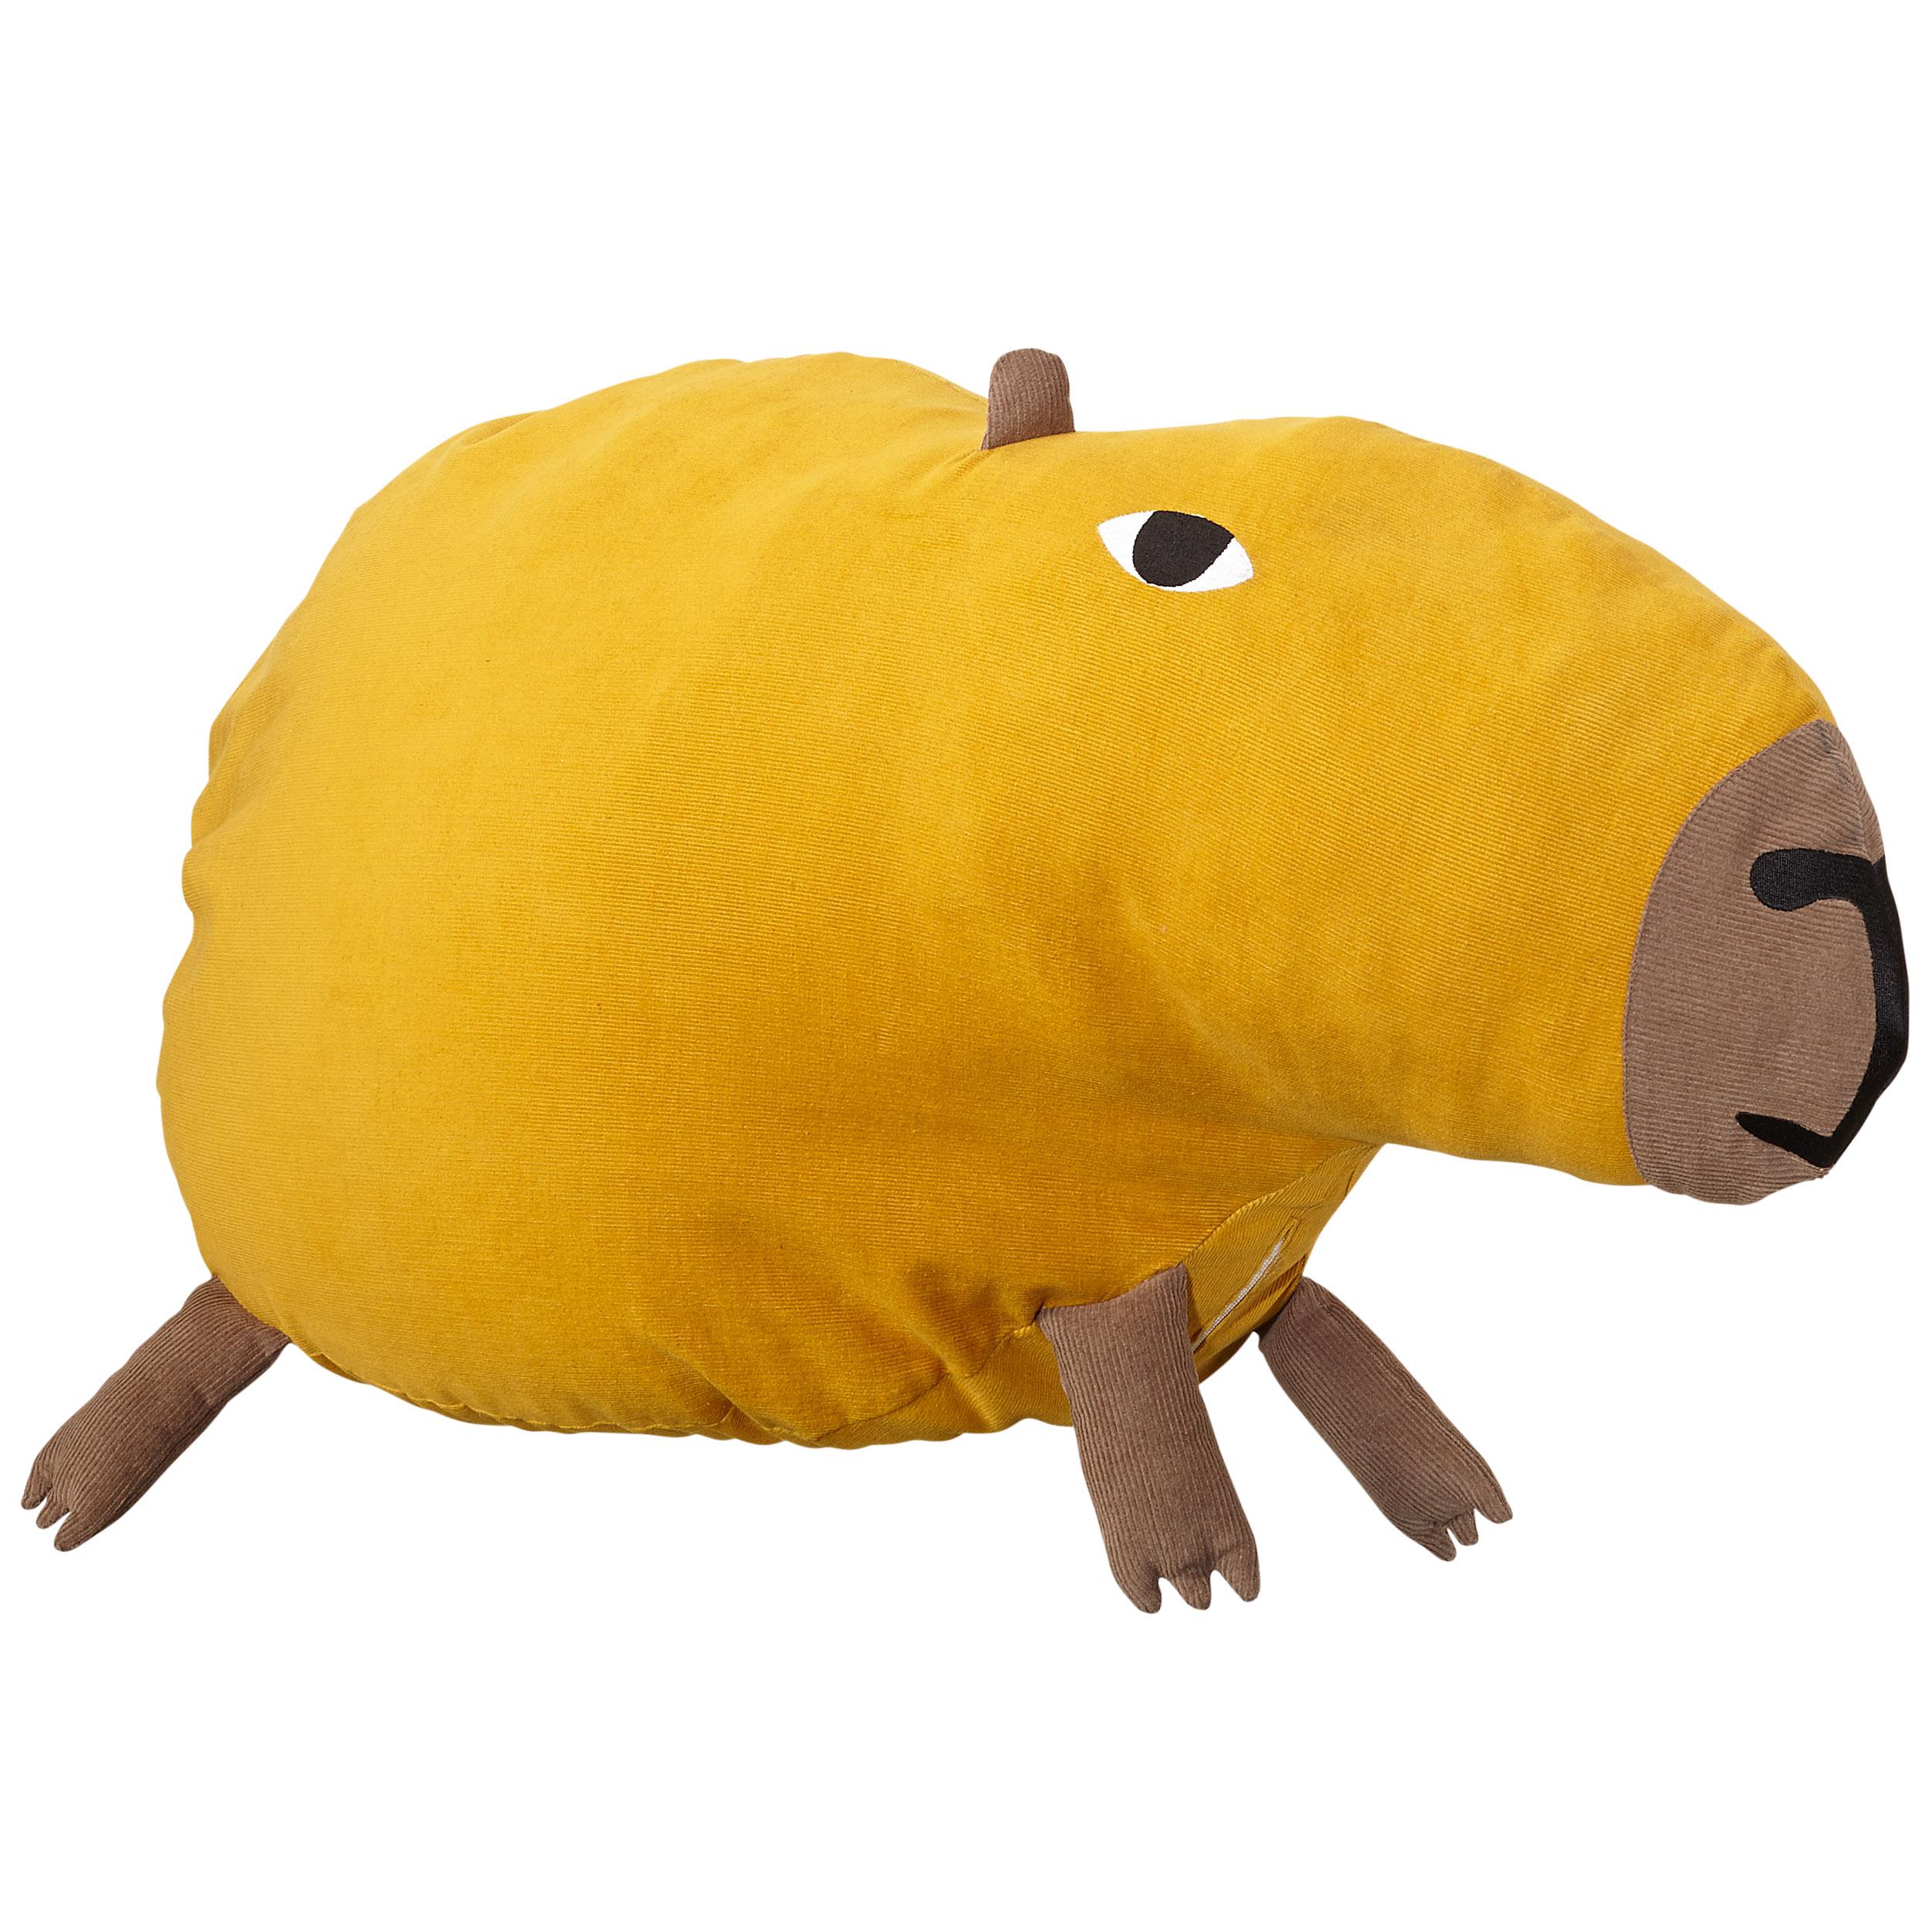 Donna Wilson Wild Things Curious Capybara Bean Bag